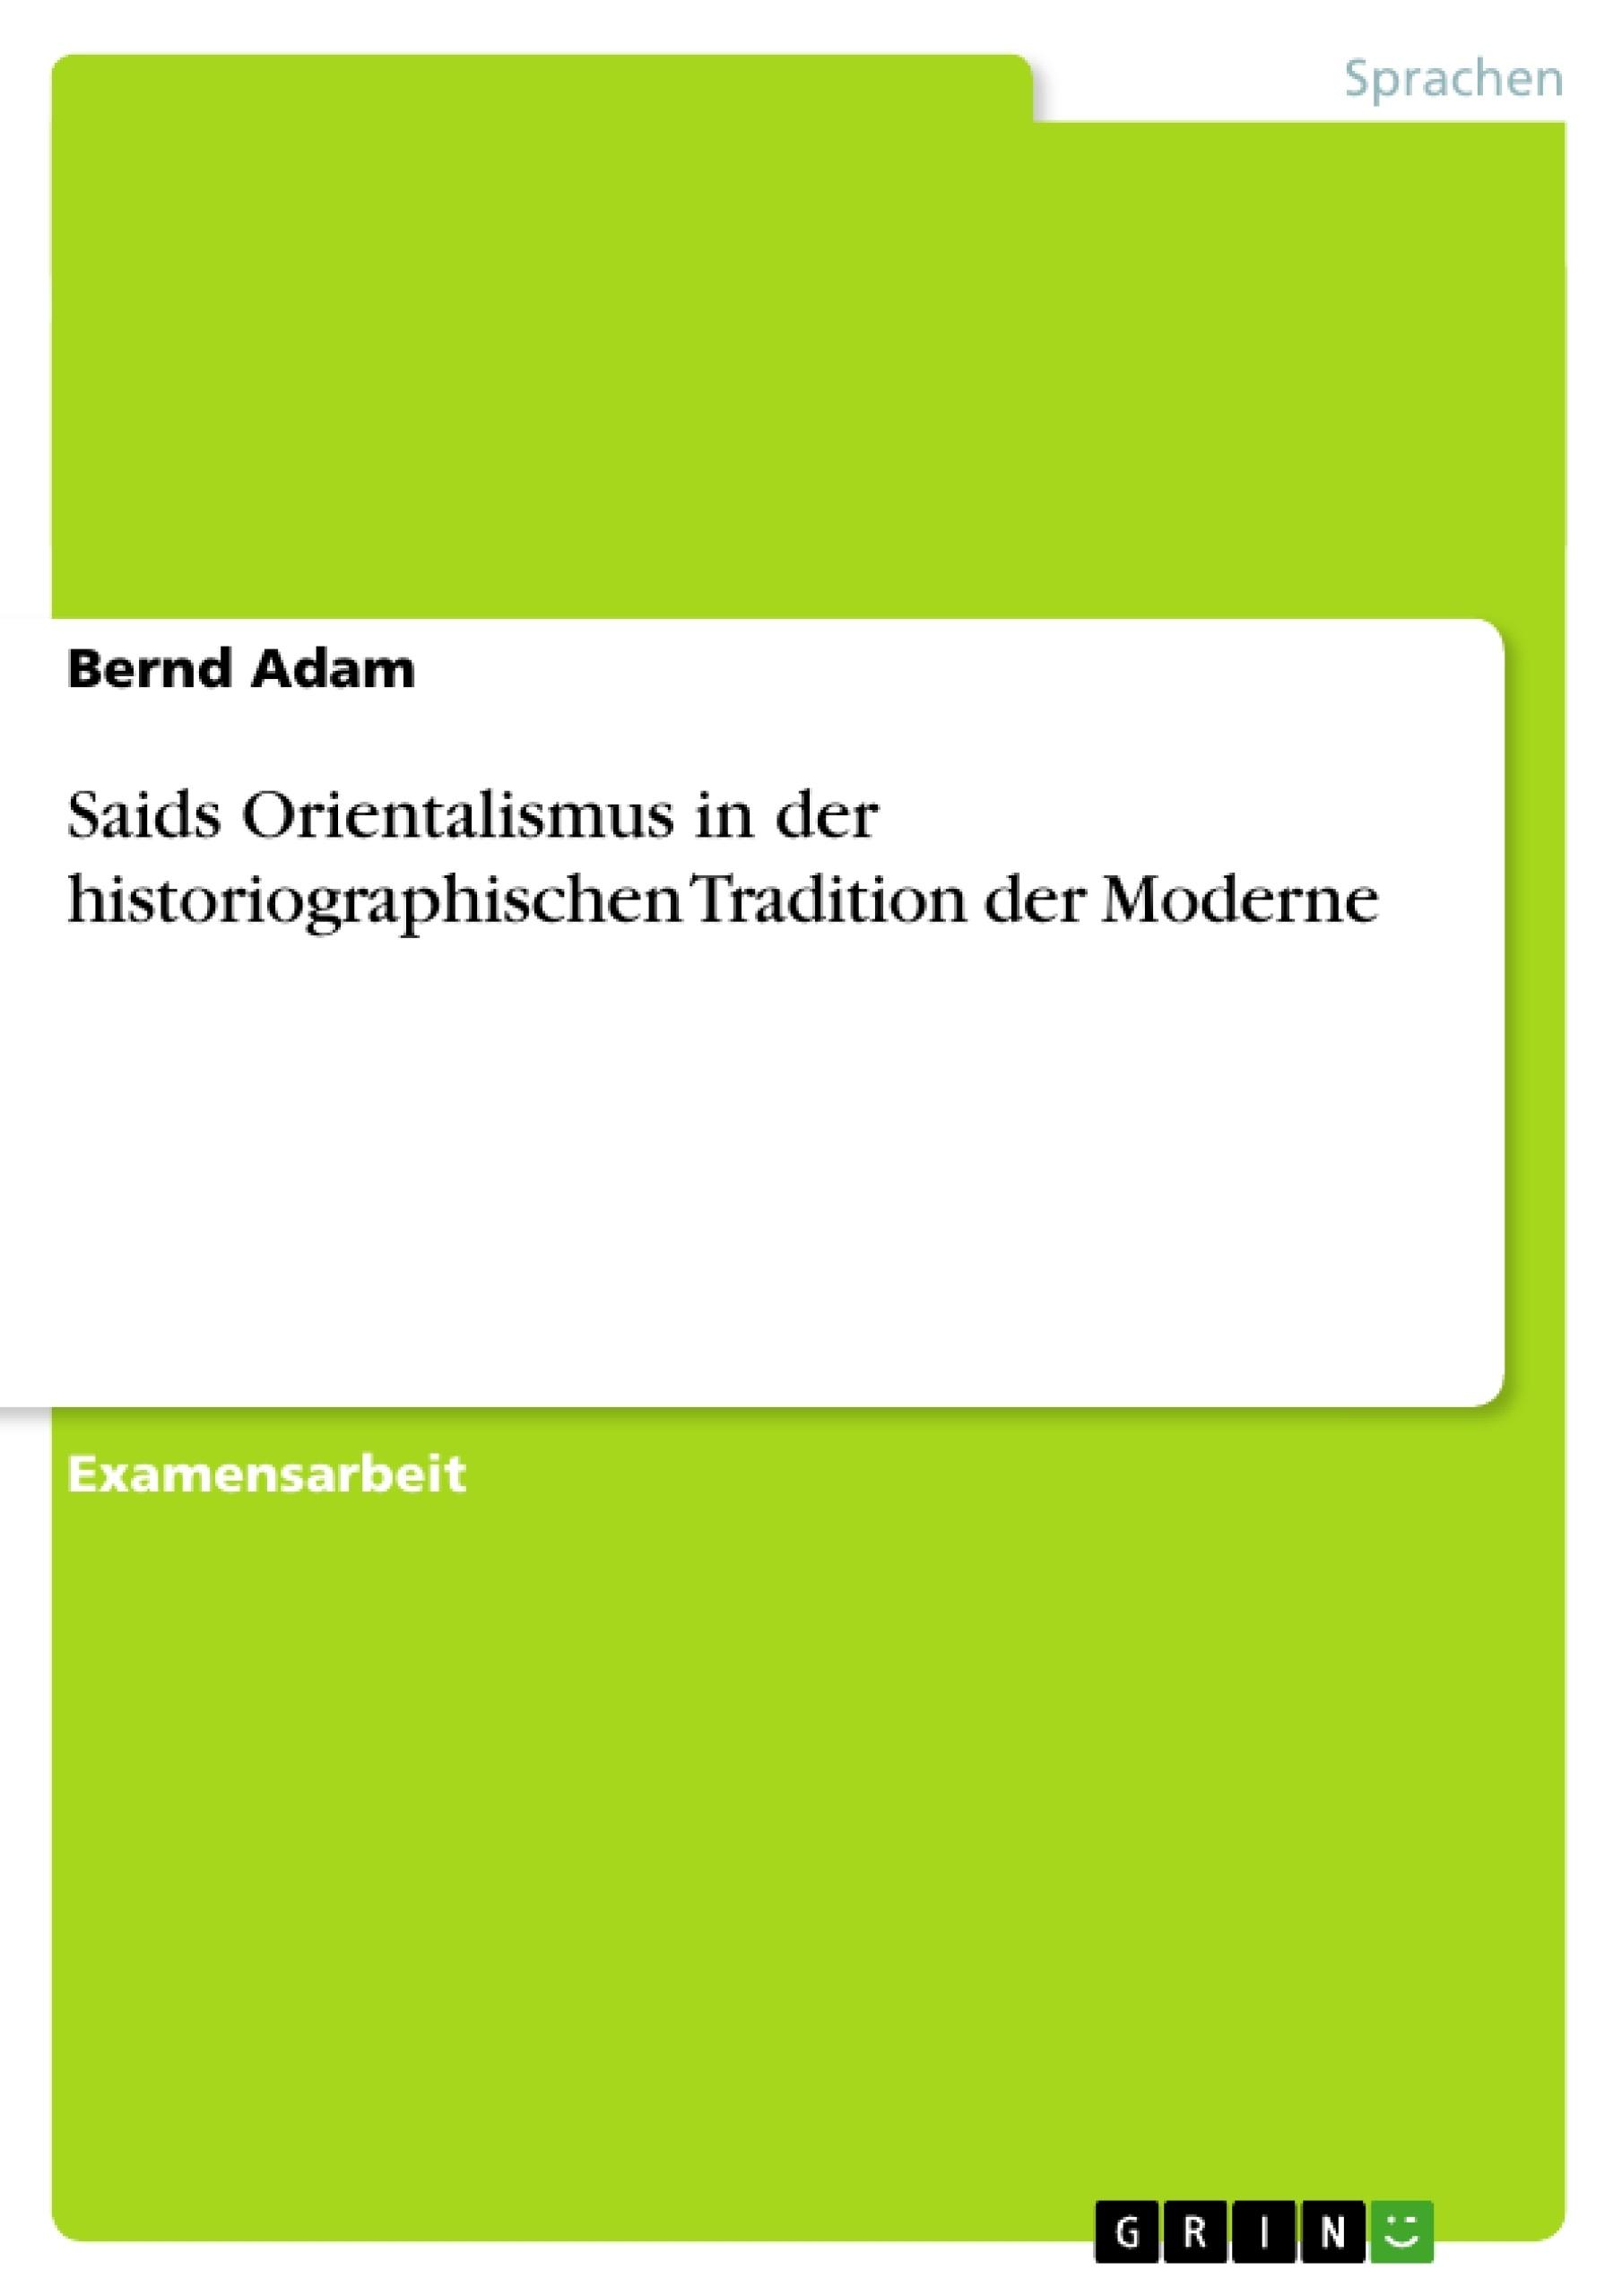 Titel: Saids Orientalismus in der historiographischen Tradition der Moderne